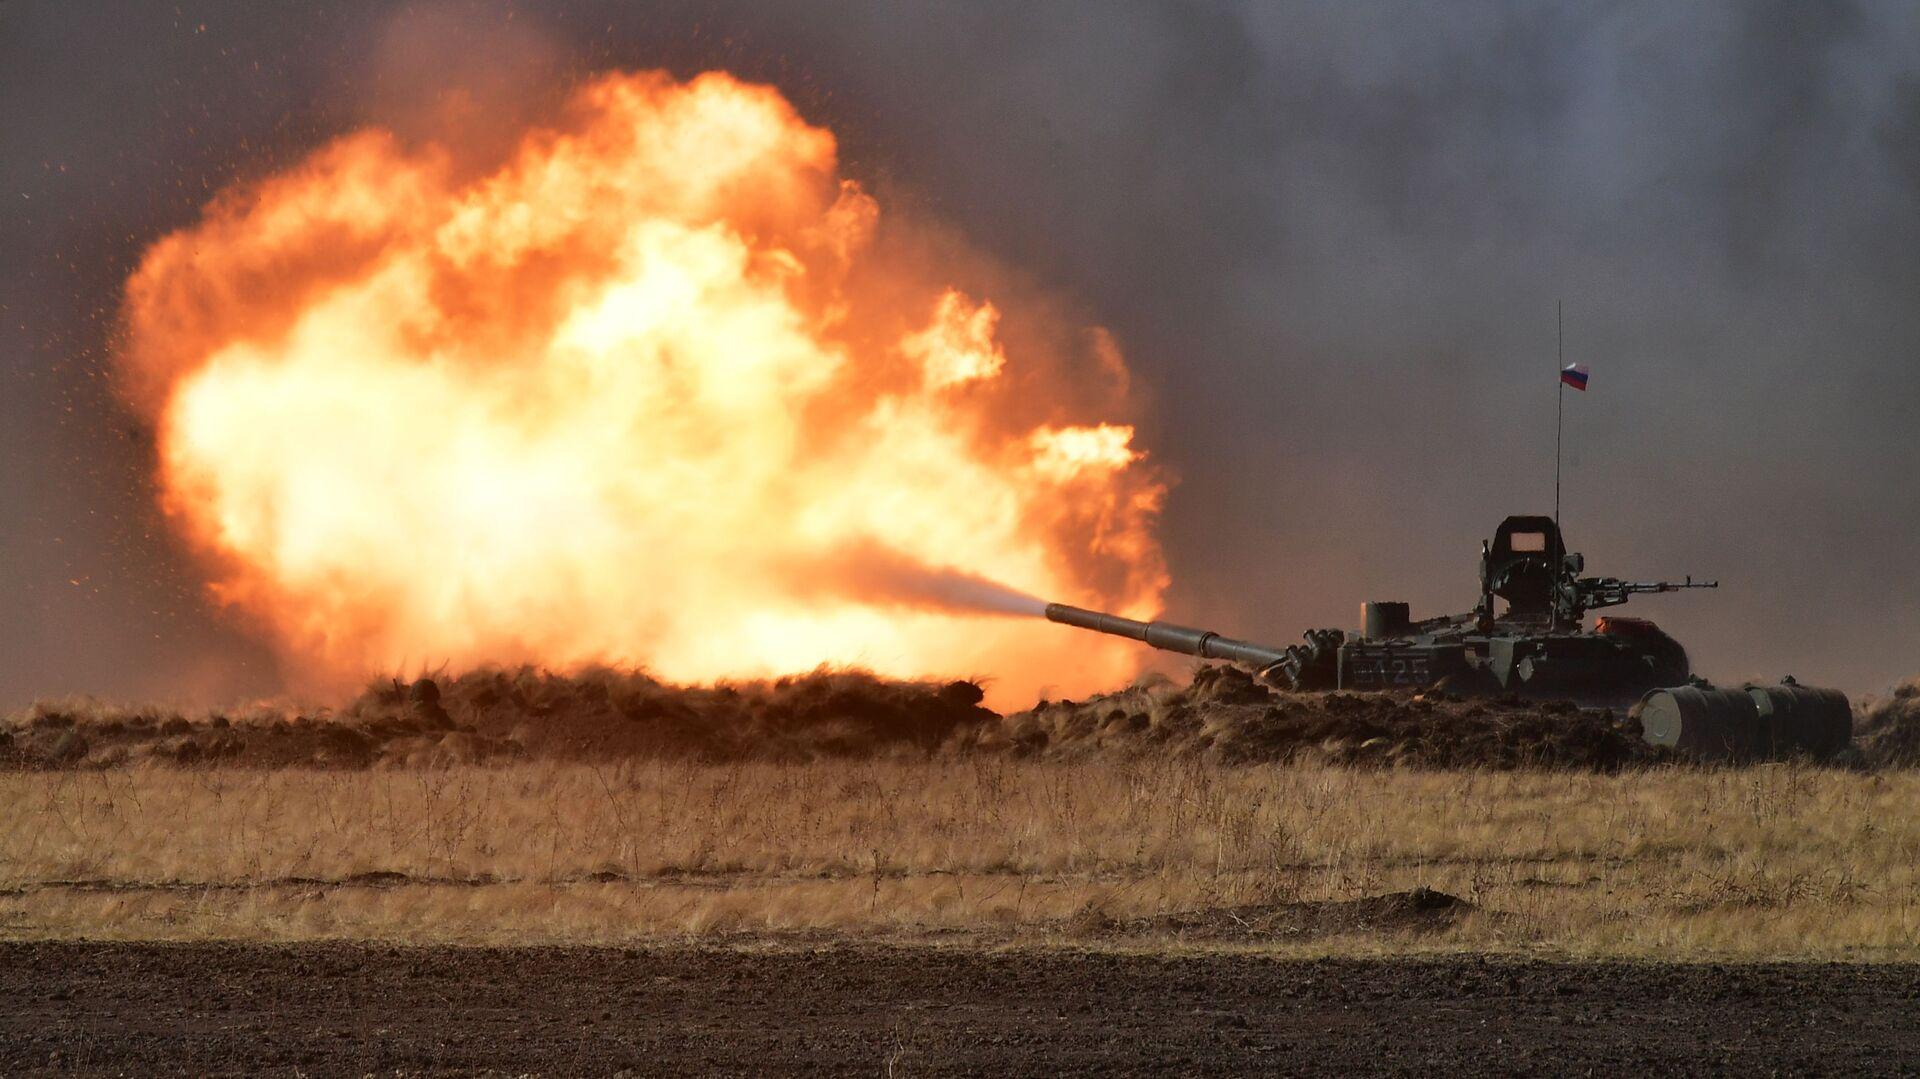 Танк Т-72Б3 на антитеррористических учения стран – членов ШОС Мирная миссия  2021  - Sputnik Узбекистан, 1920, 24.09.2021